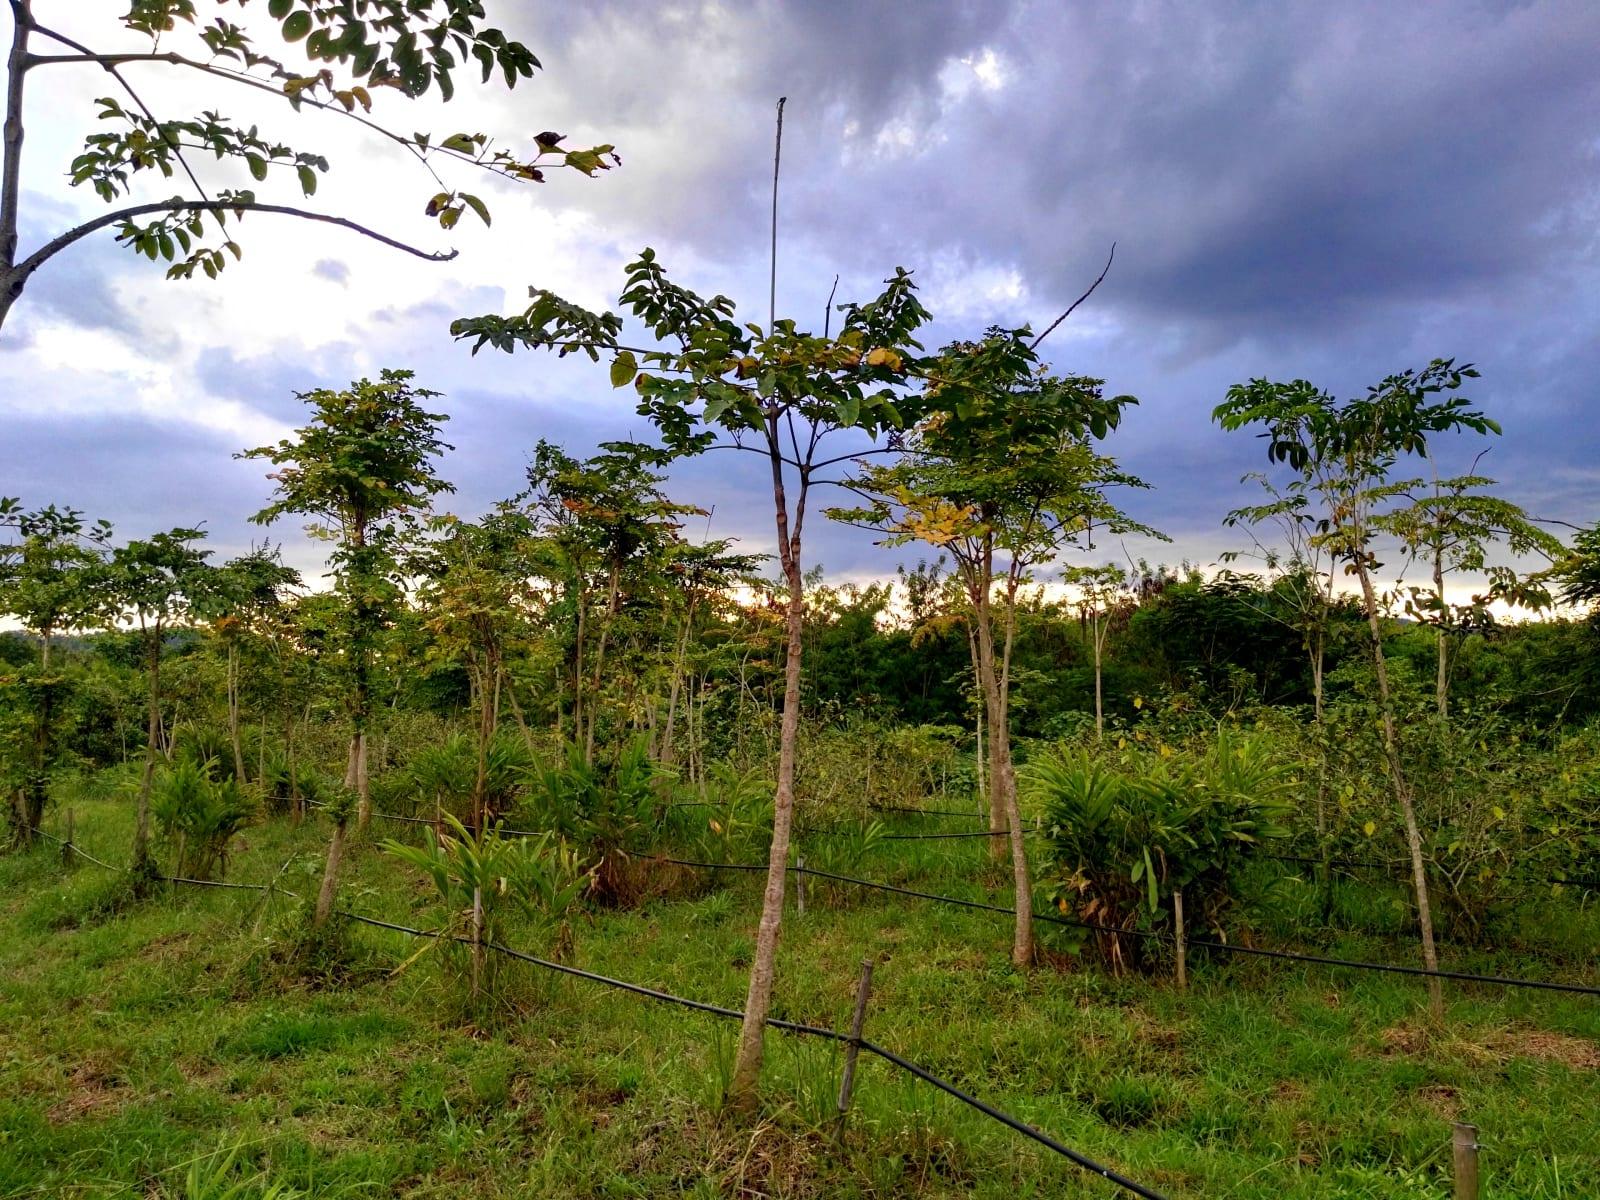 Nádherná příroda kolem The creek villa, Loei, Thajsko